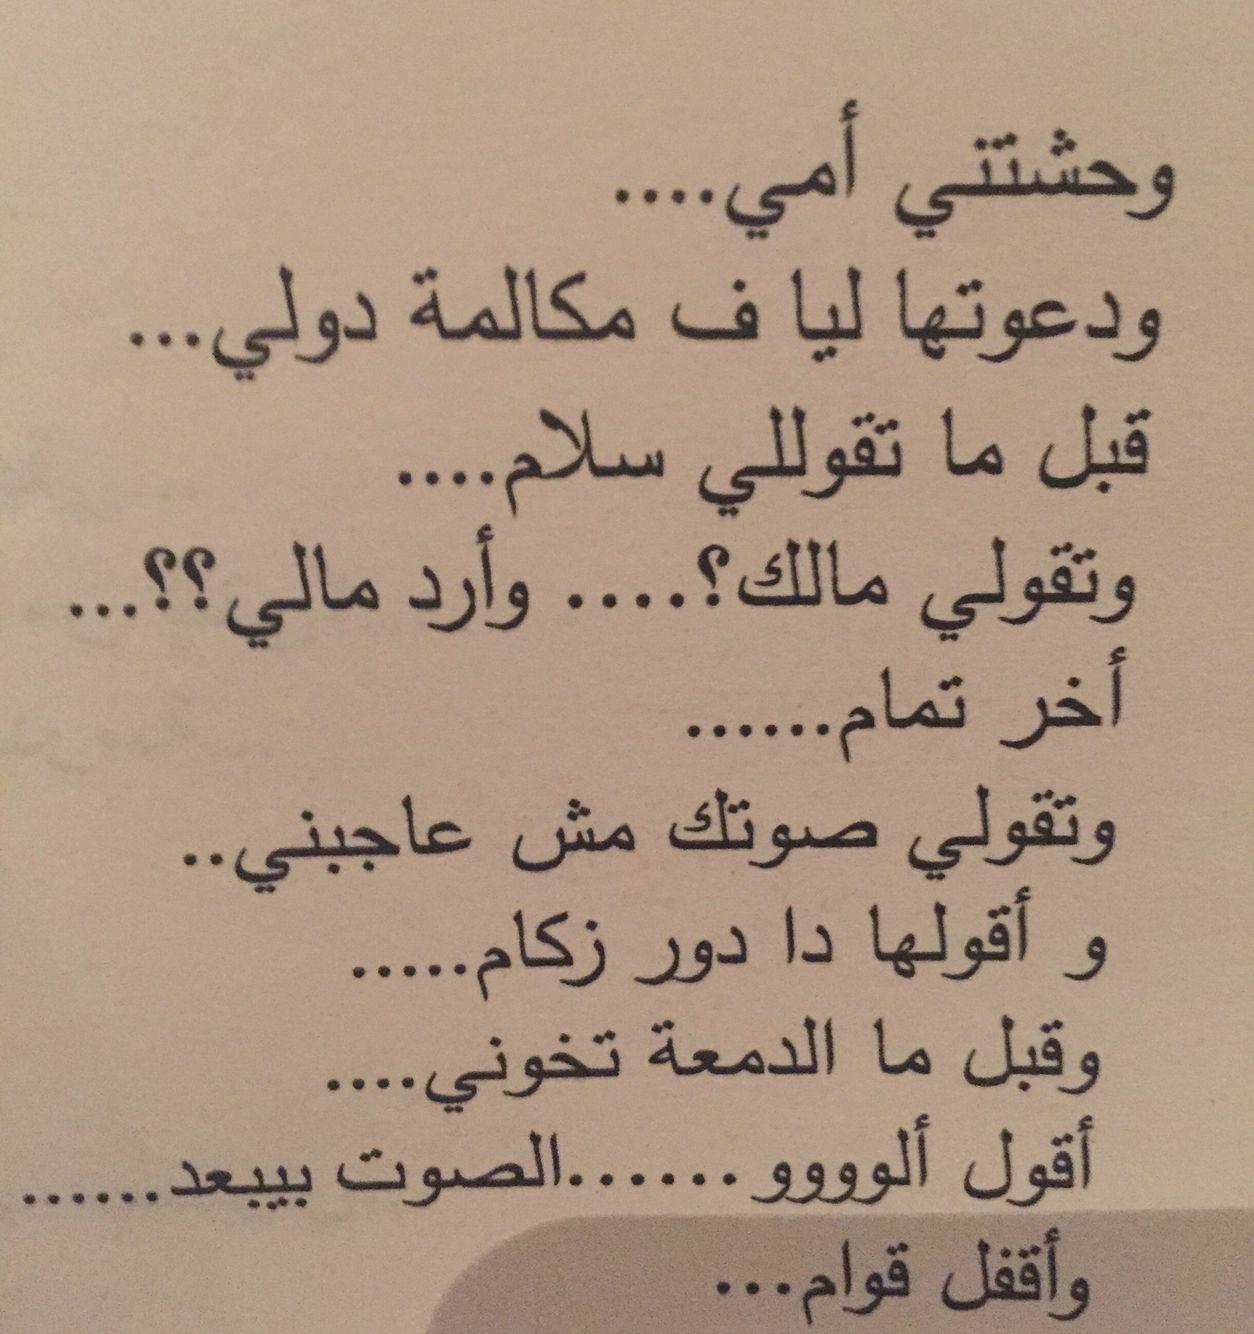 وحشتنى امى Quotes Nona Arabic Calligraphy